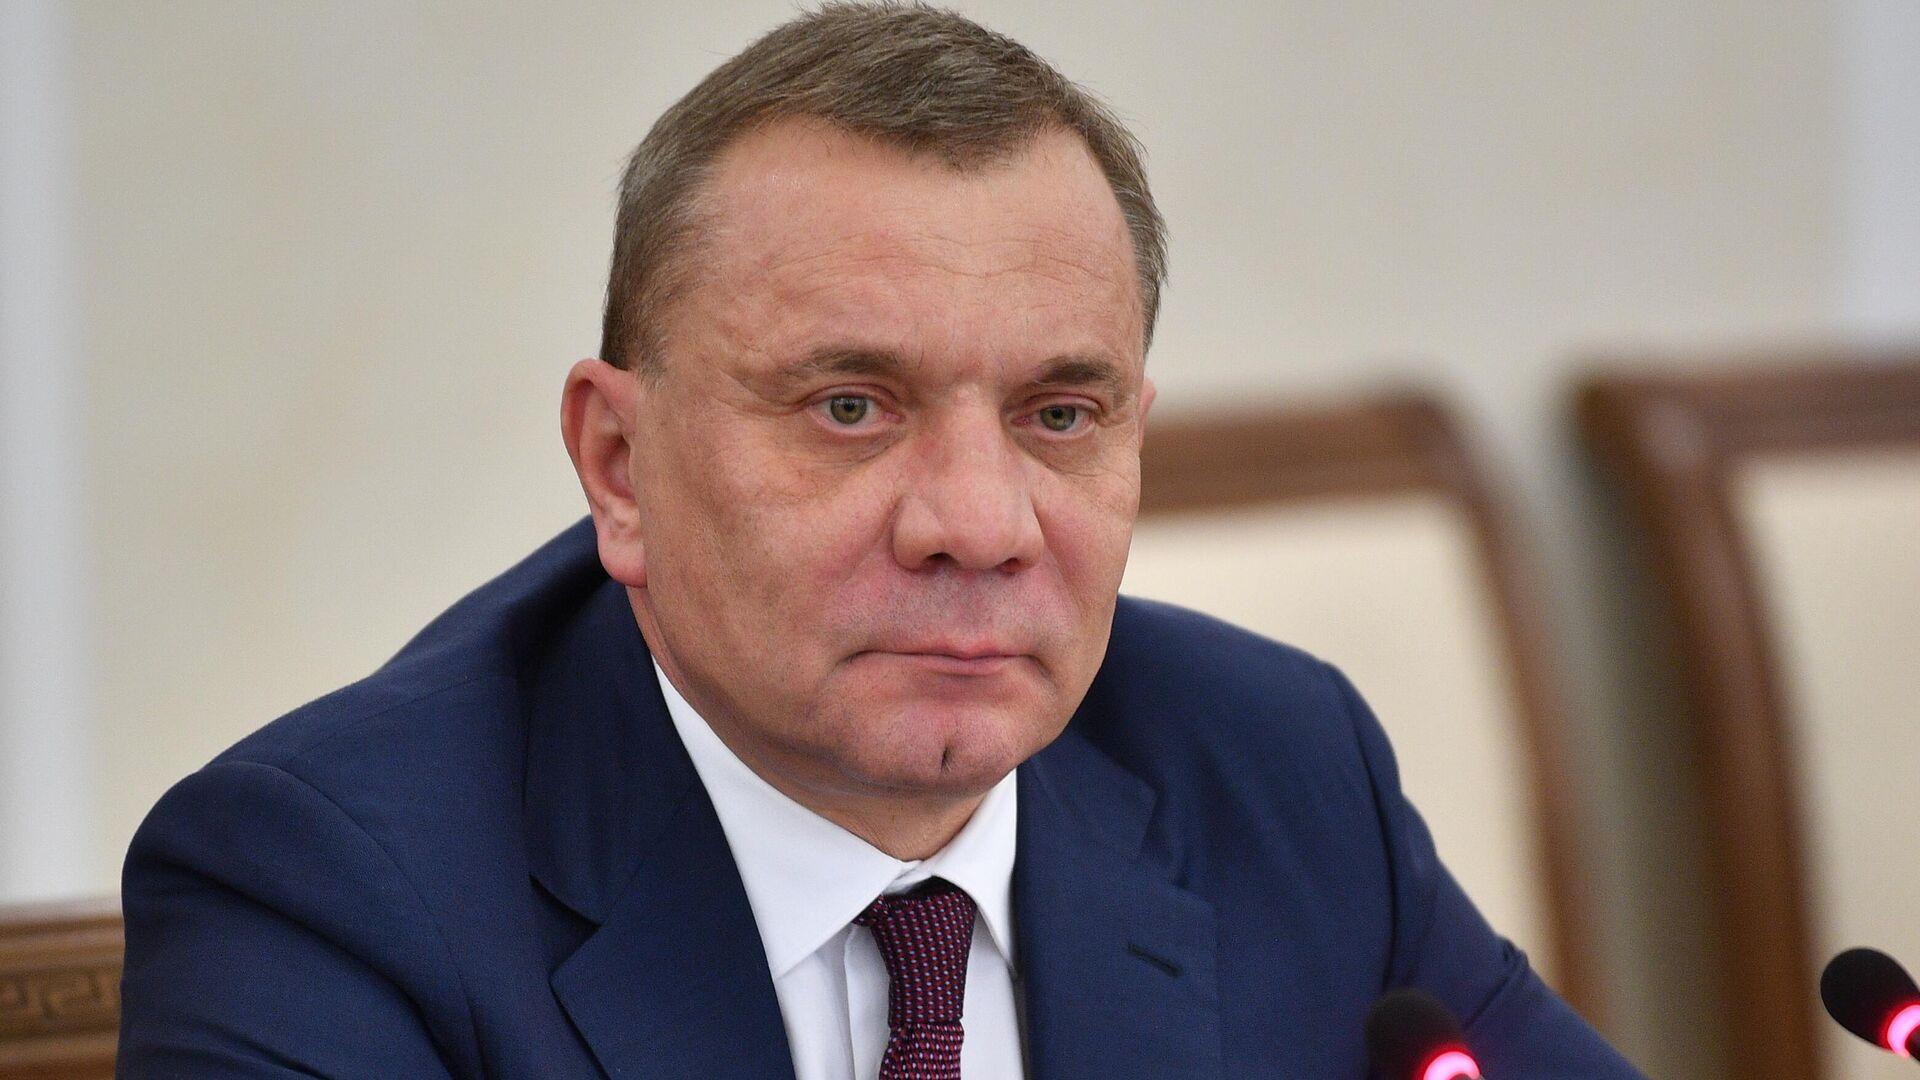 Борисов рассказал о планах по расширению торговли с Белоруссией